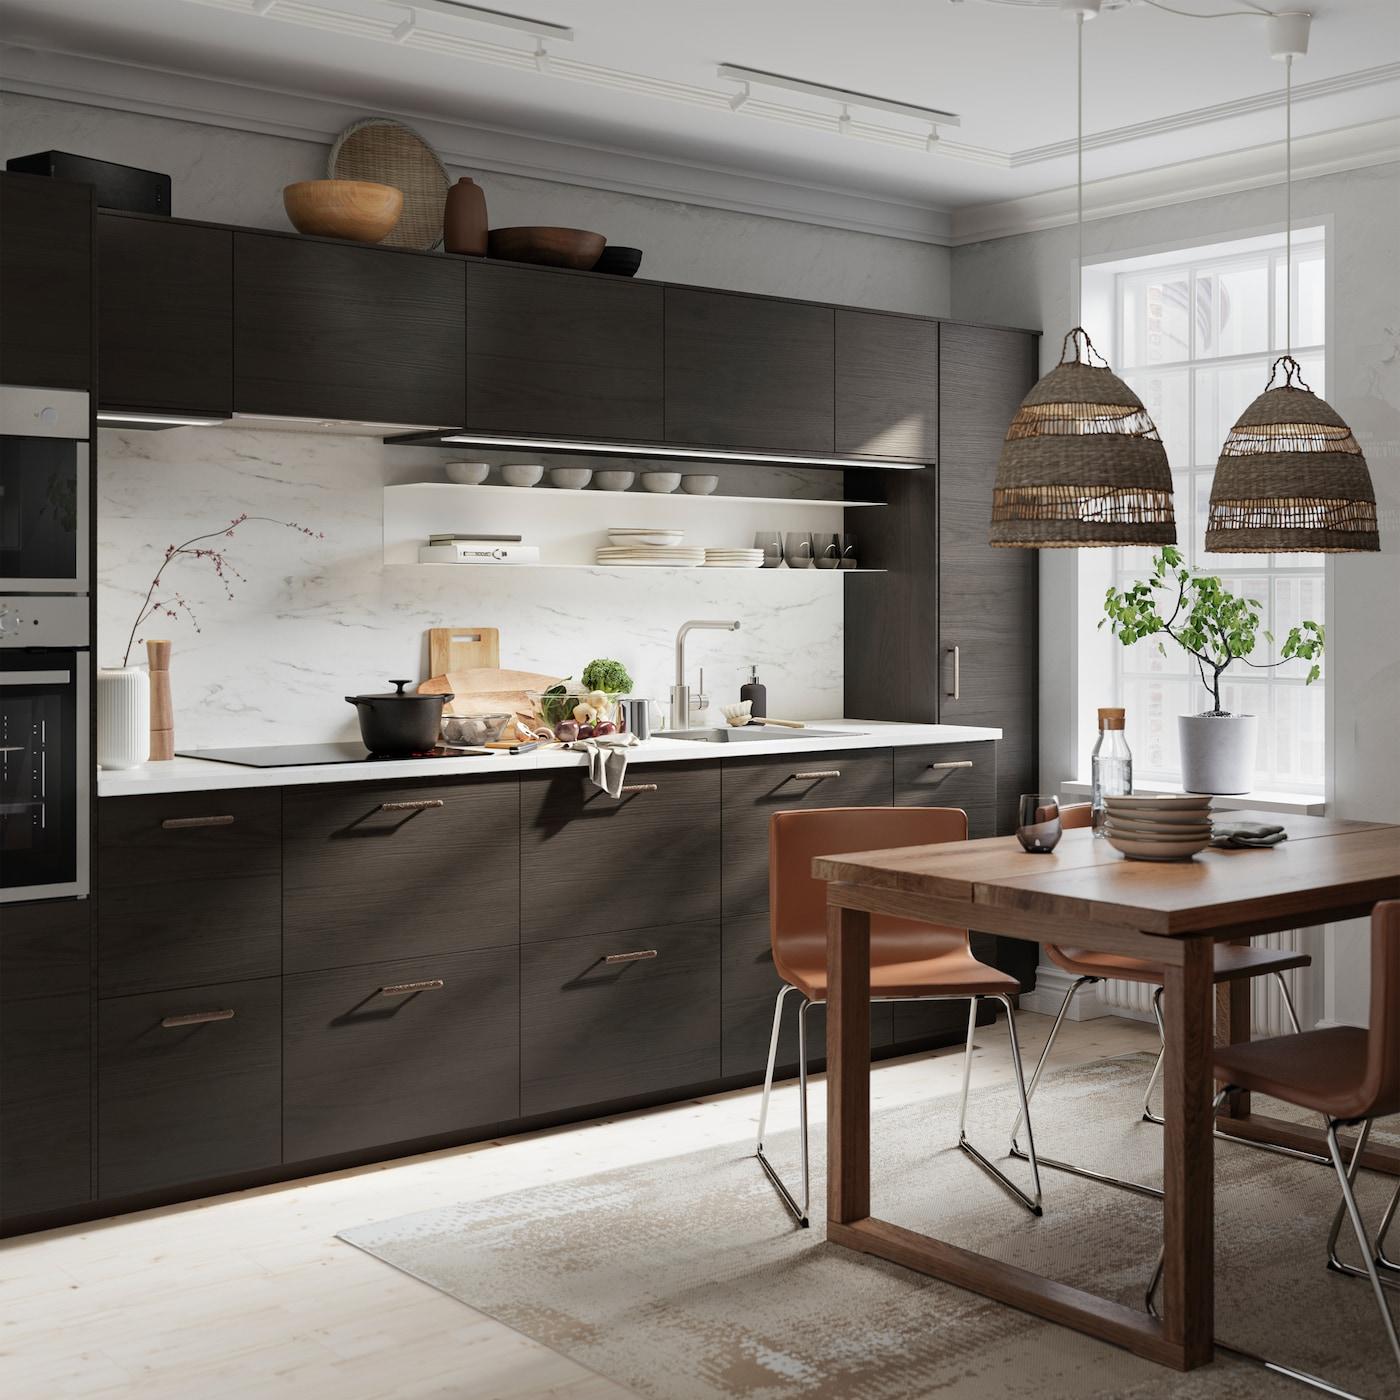 Кухня с темно-коричневыми ясеневыми фронтальными панелями и белой настенной панелью с эффектом мрамора, деревянный стол и кожаные стулья.